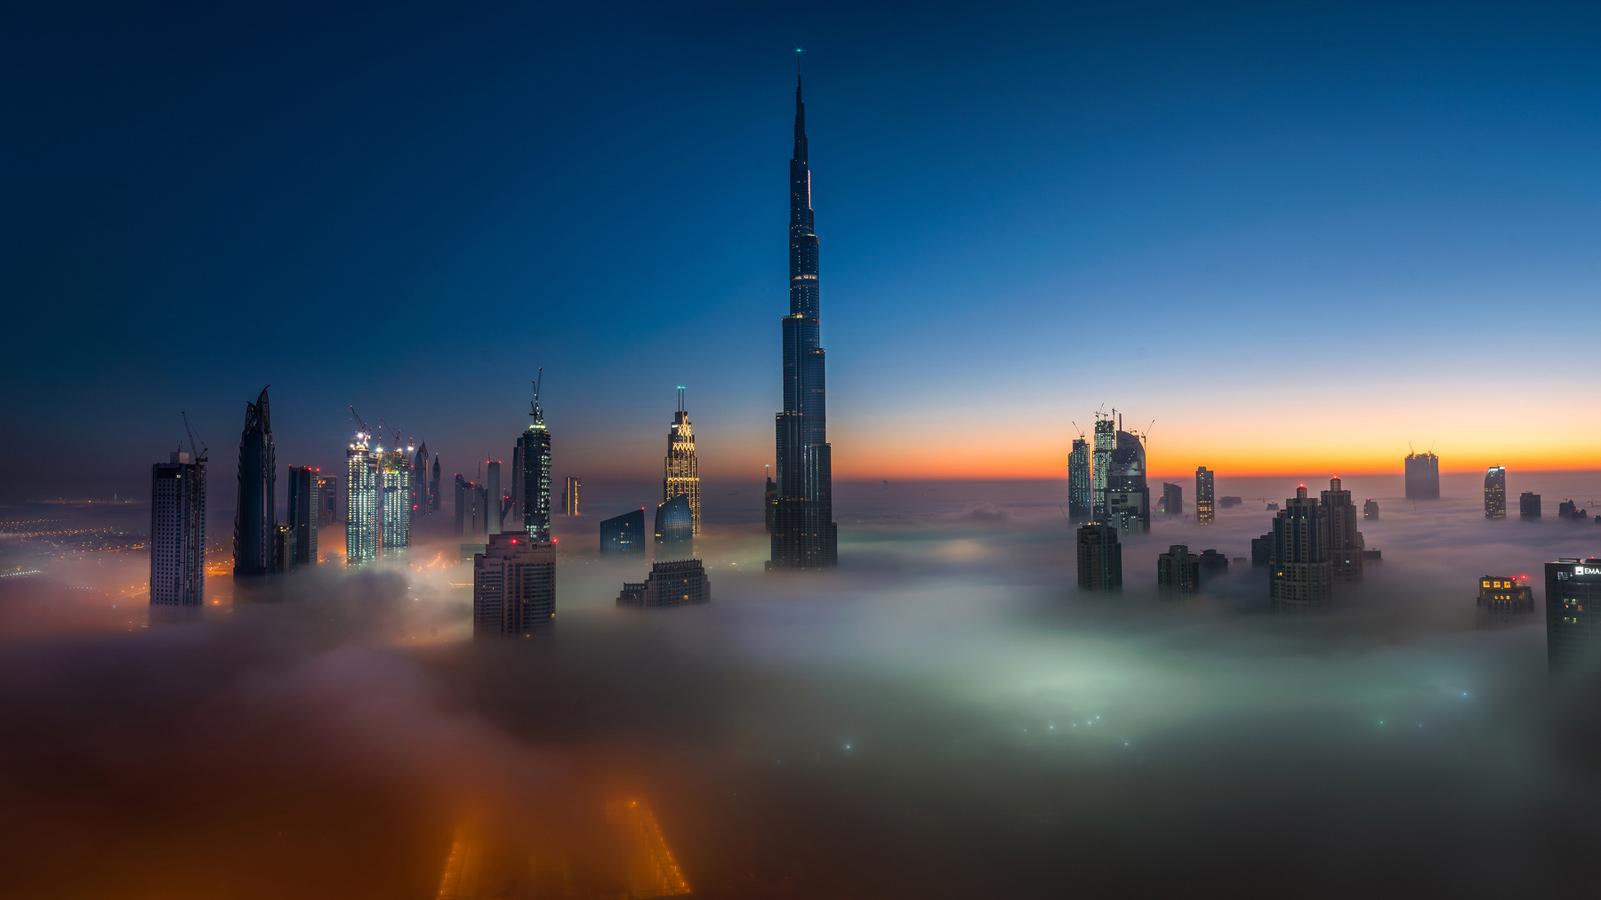 Туманное одеяло, © Пракаш Кумар Сингх / Prakash Kumar Singh, Объединённые Арабские Эмираты, 1 место в номинации «Городской пейзаж», Фотоконкурс 35AWARDS — 100 Best Photos